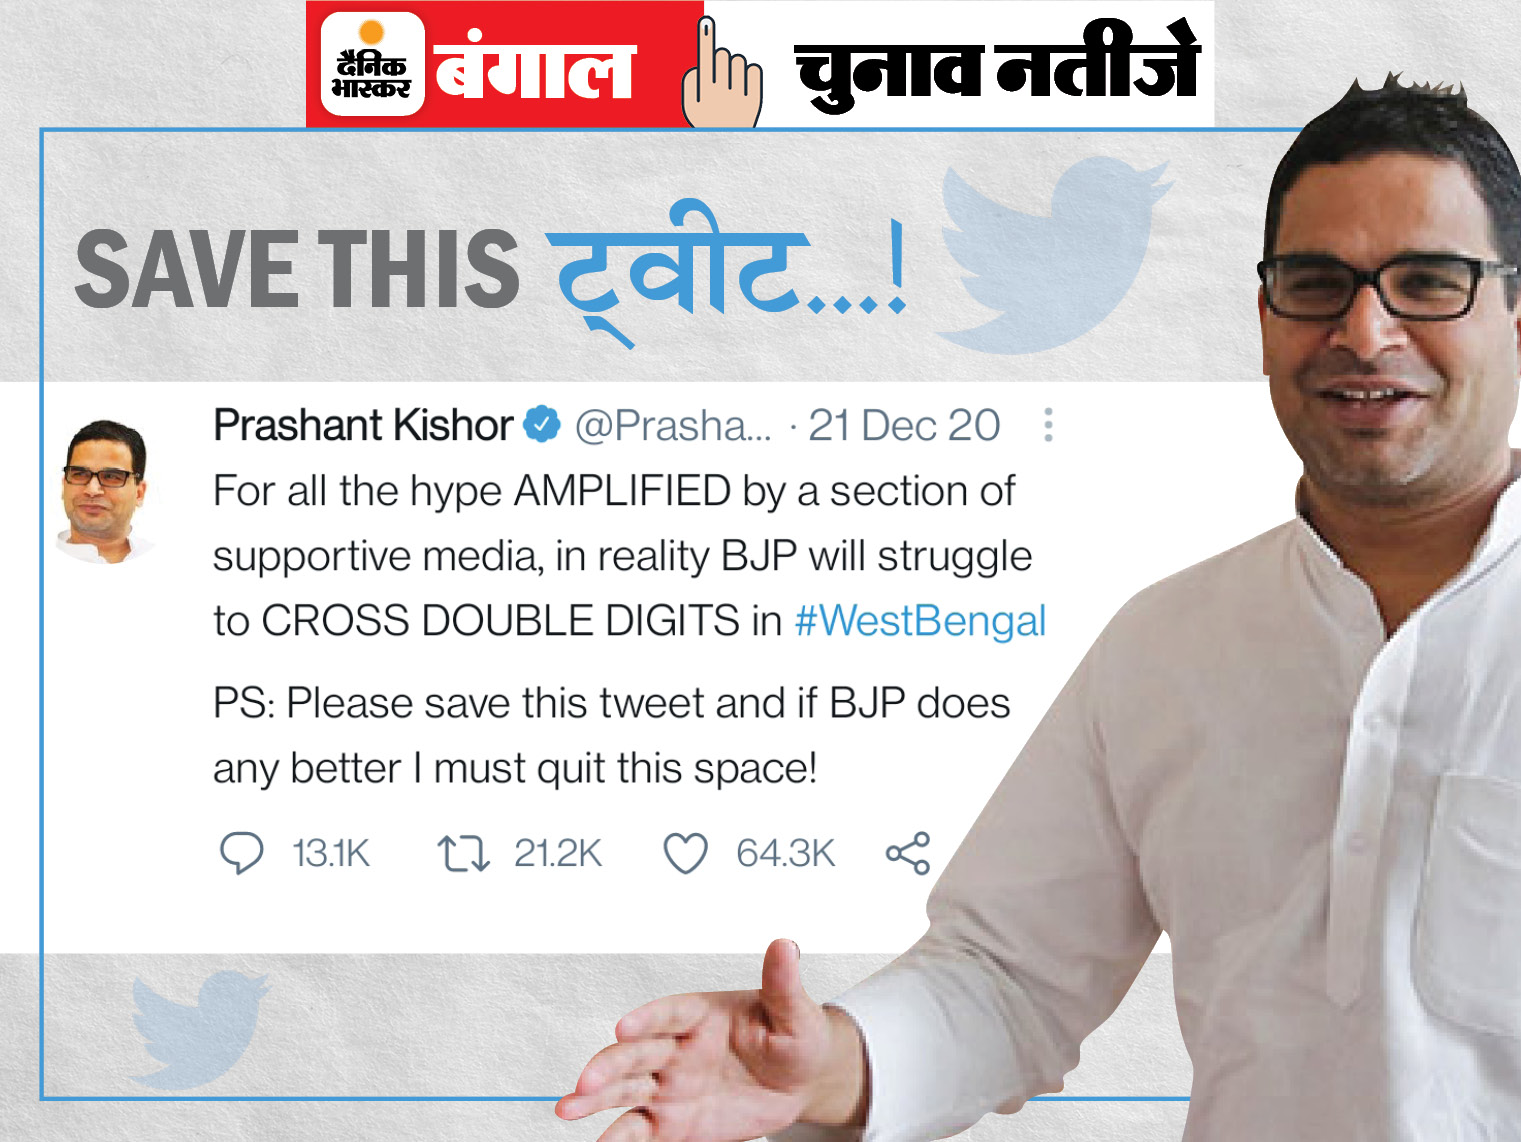 दिसंबर में कहा था- बंगाल में भाजपा डबल डिजिट पार नहीं कर पाएगी, वही हुआ; 10 साल के 9 चुनावों में 8वीं बार सही साबित हुए देश,National - Dainik Bhaskar